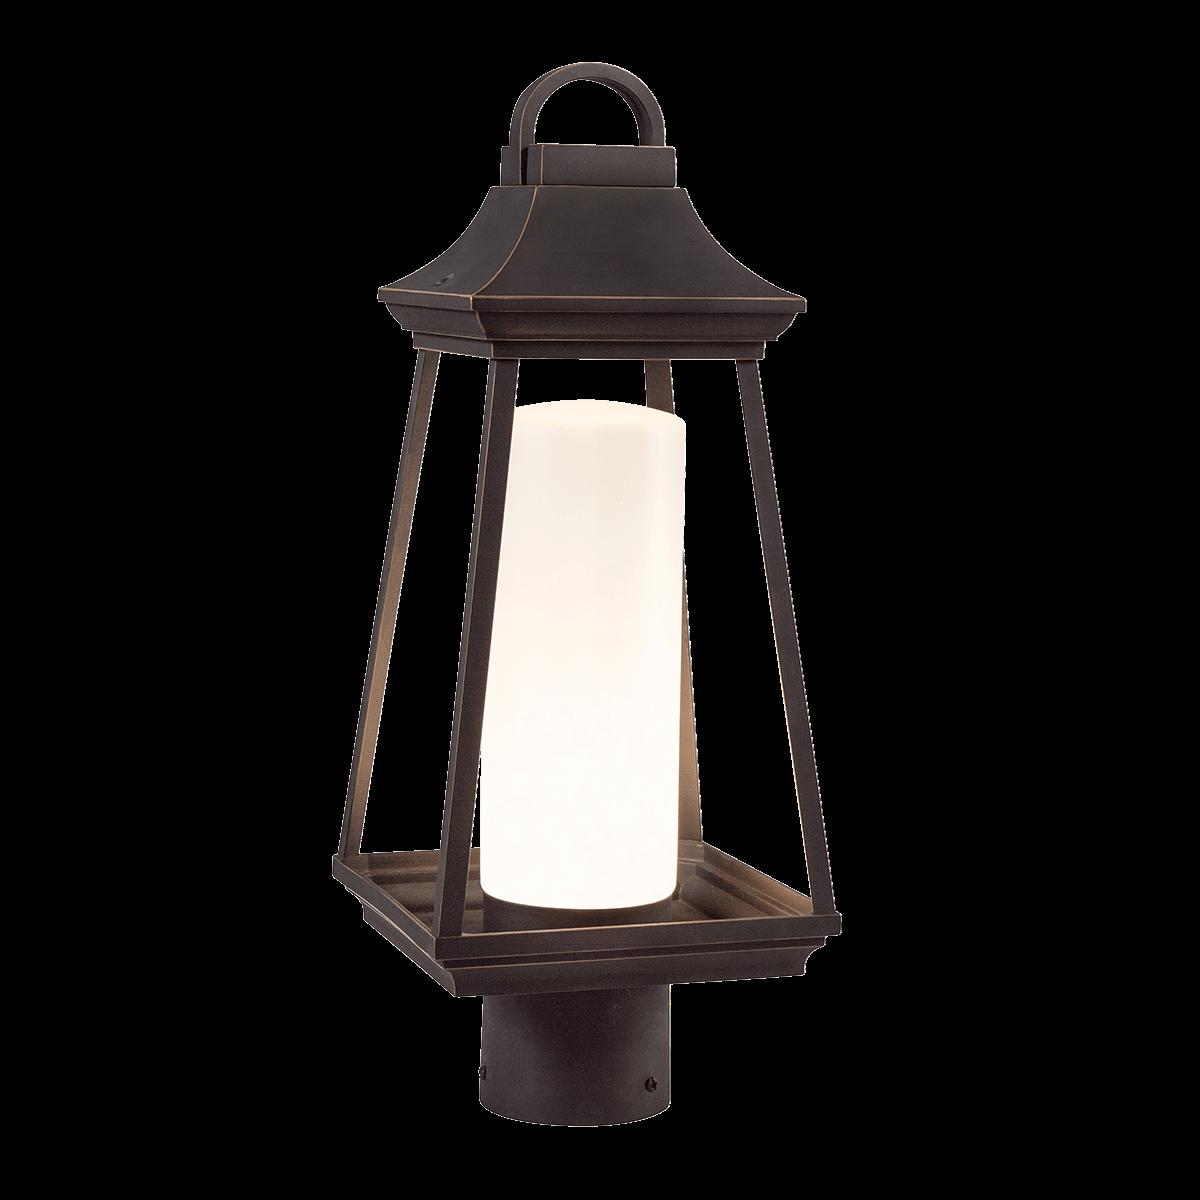 light elstead lamp black lighting philadelphia ilite product post lights